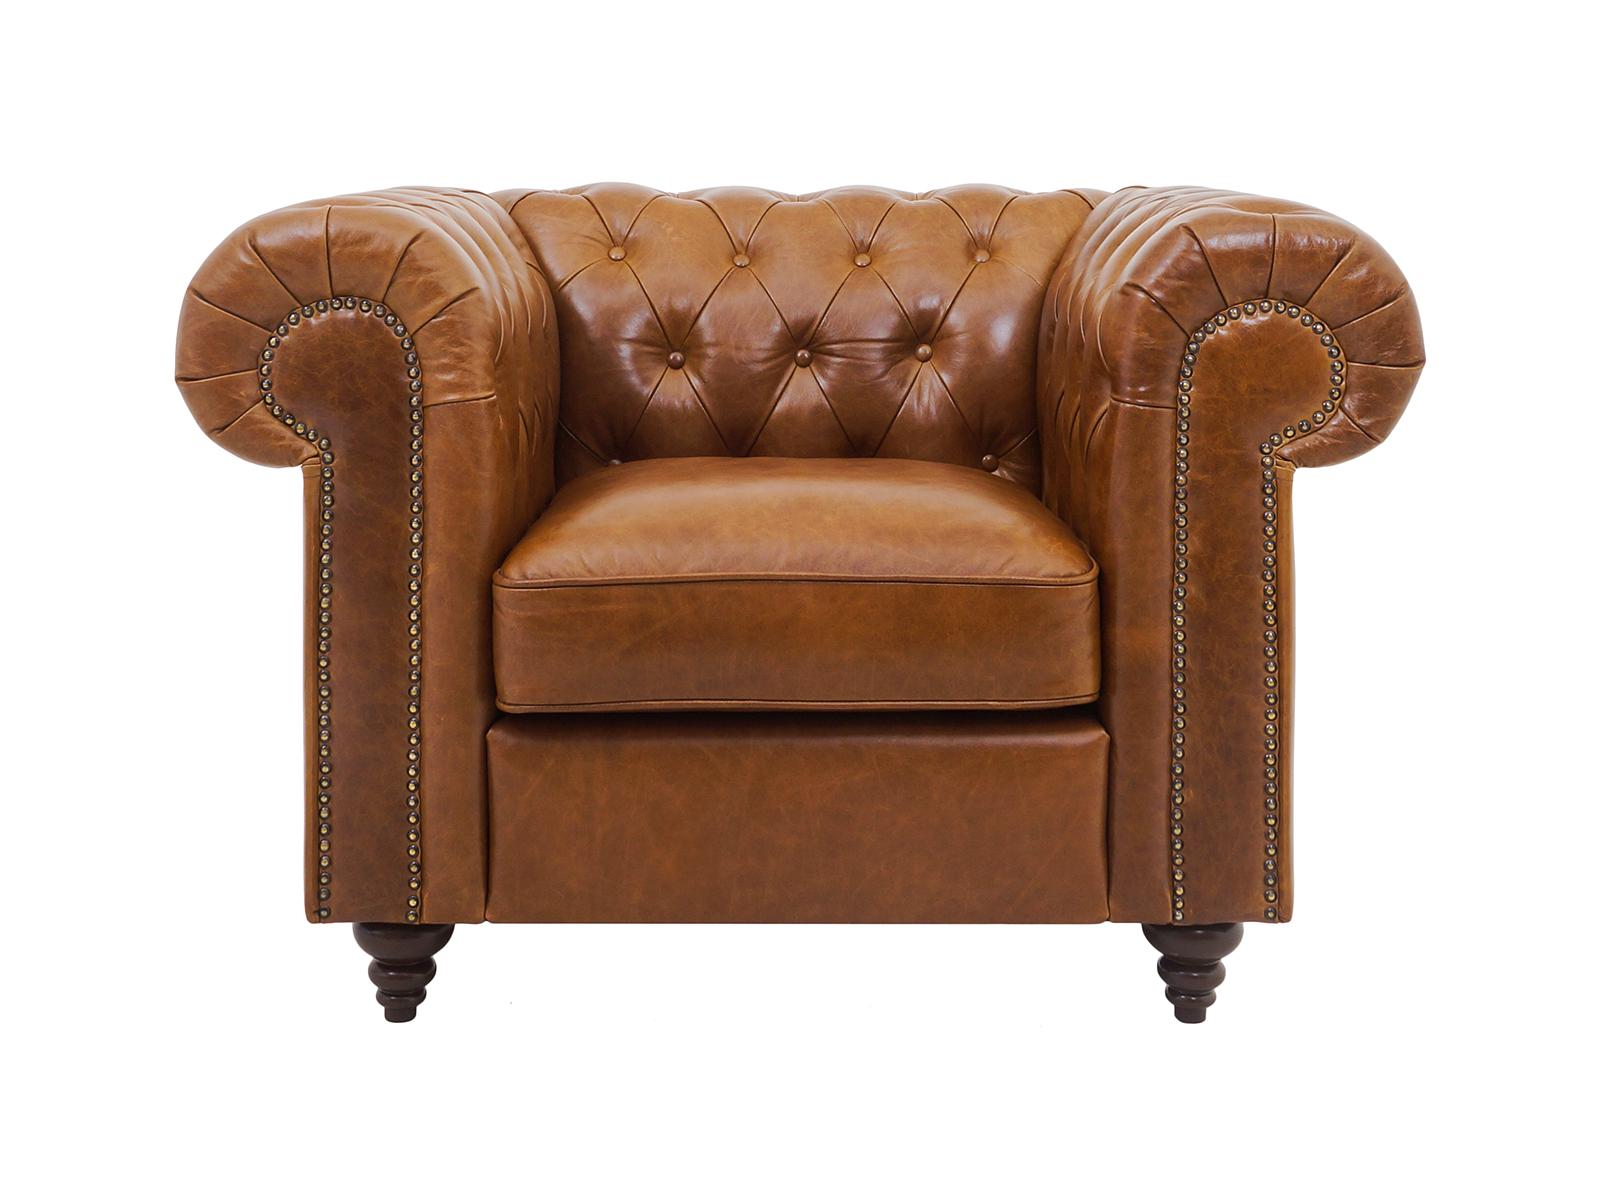 Кресло Chester ClassicКресла<br>Классическое кресло. Благодаря наклону мягкой спинки кресло Chester Classic считается креслом повышенной комфортности. Кресло изготовлено из натуральной, классической кожи с эффектом пулл-ап (кожа светлеет в местах натяжения), что придает винтажный облик ...<br>